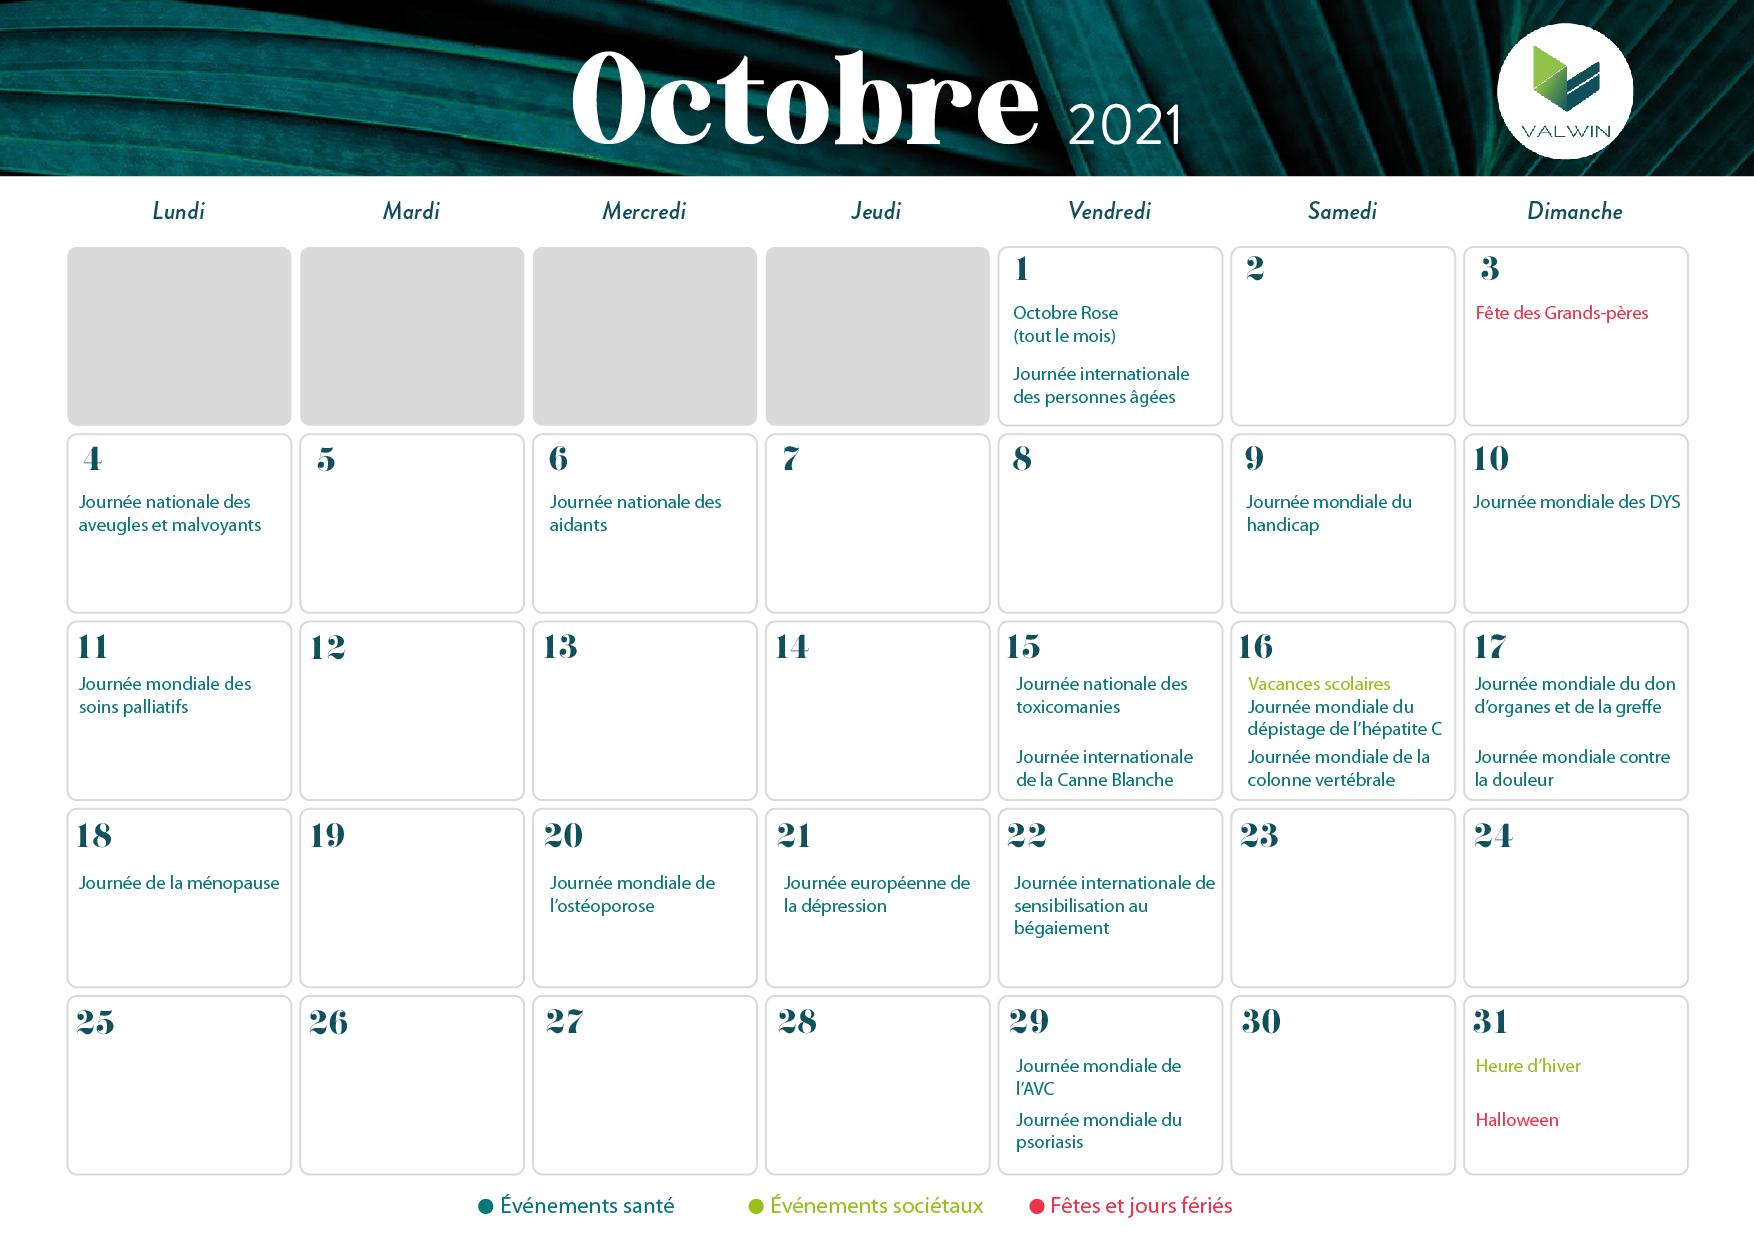 liste-toutes-les-journées-mondiales-de-Santé-octobre-2021.jpg